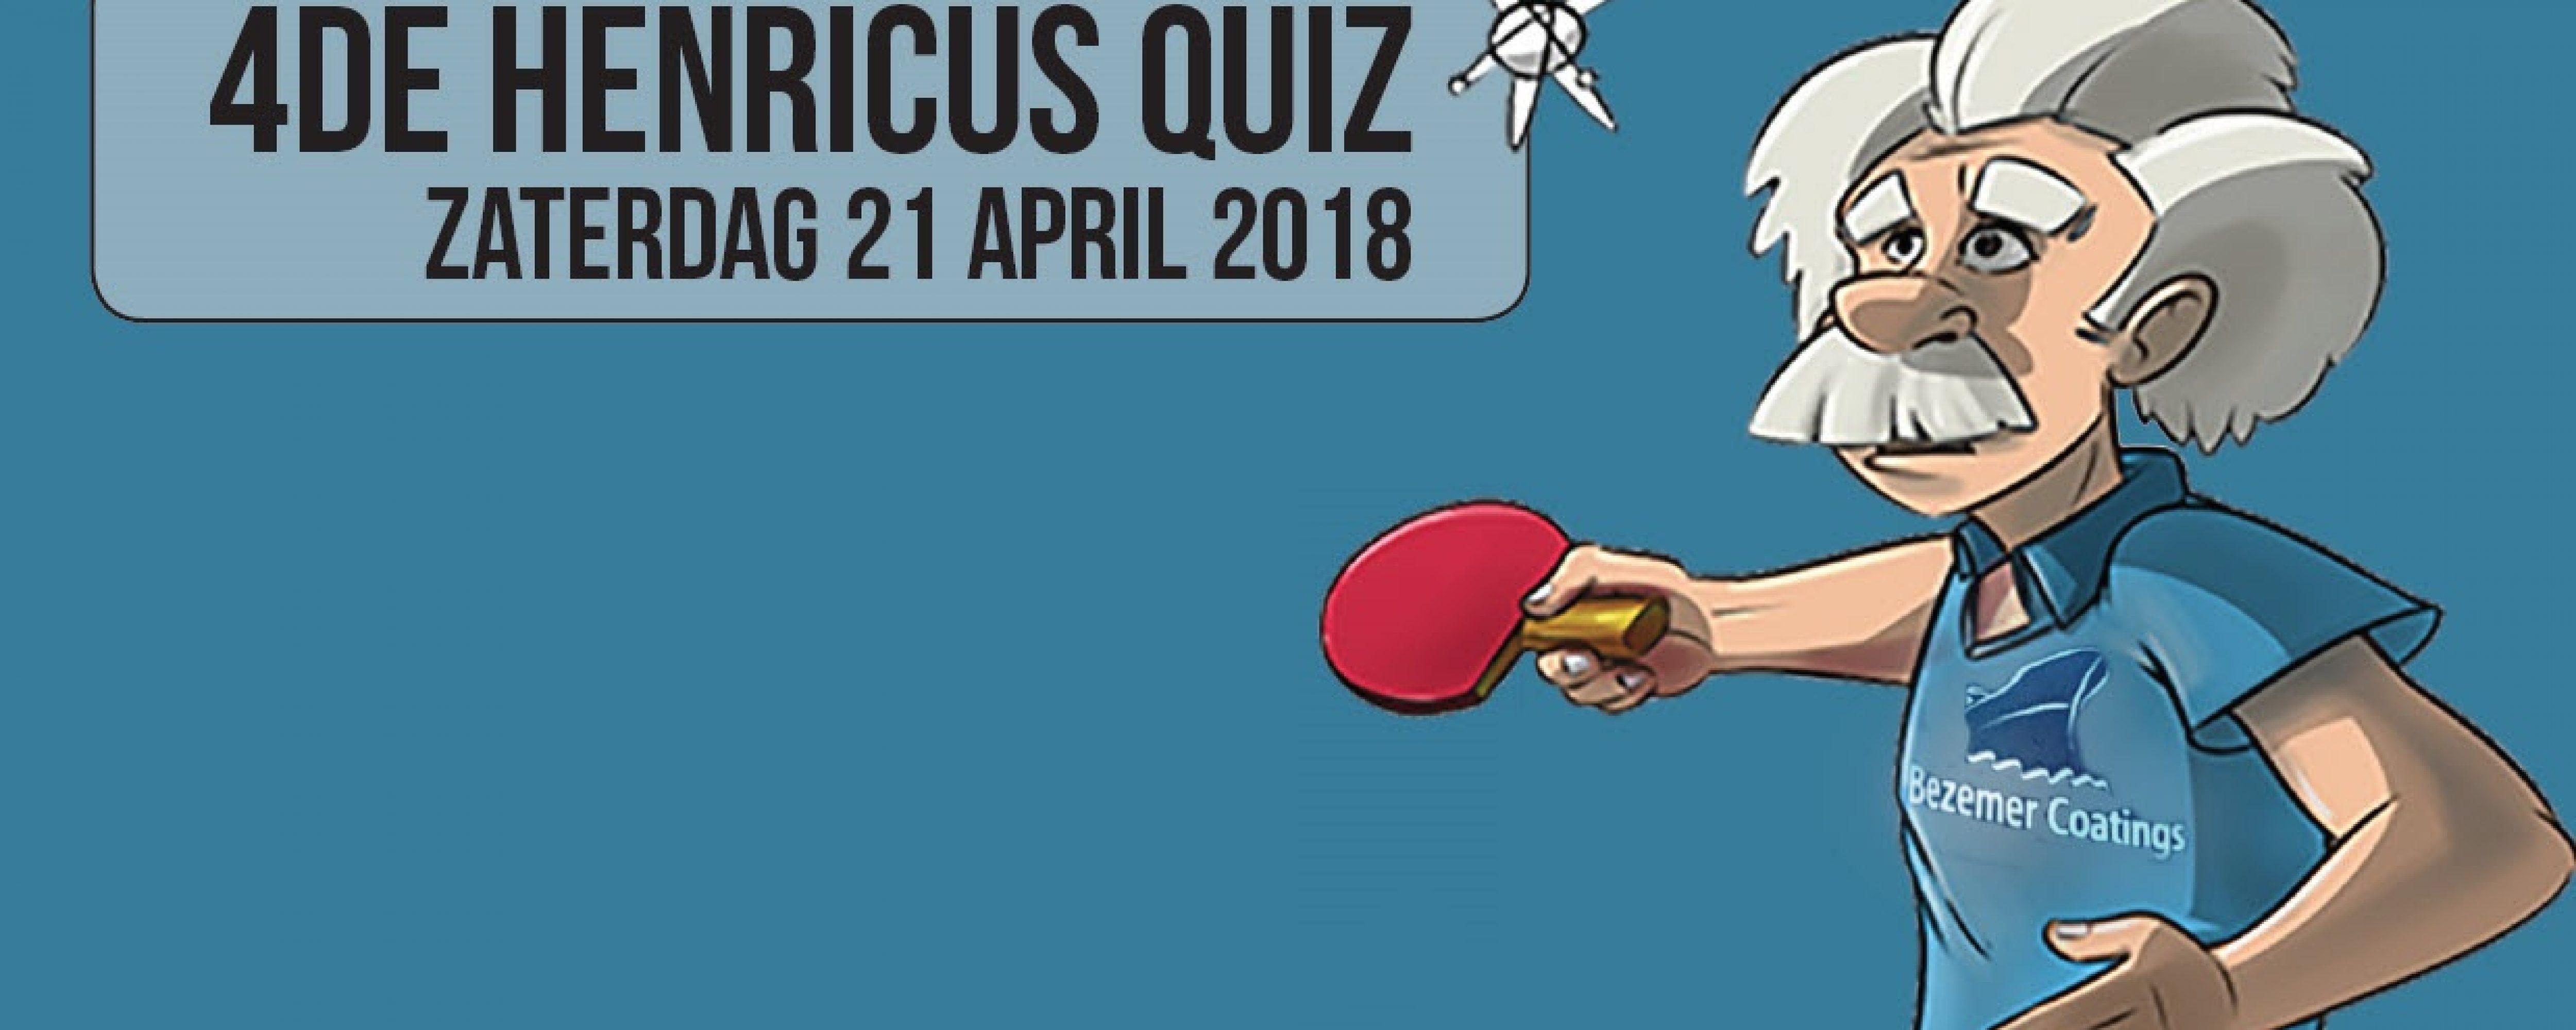 Schrijf jullie nu in voor de 4de TTC Henricus Quiz!